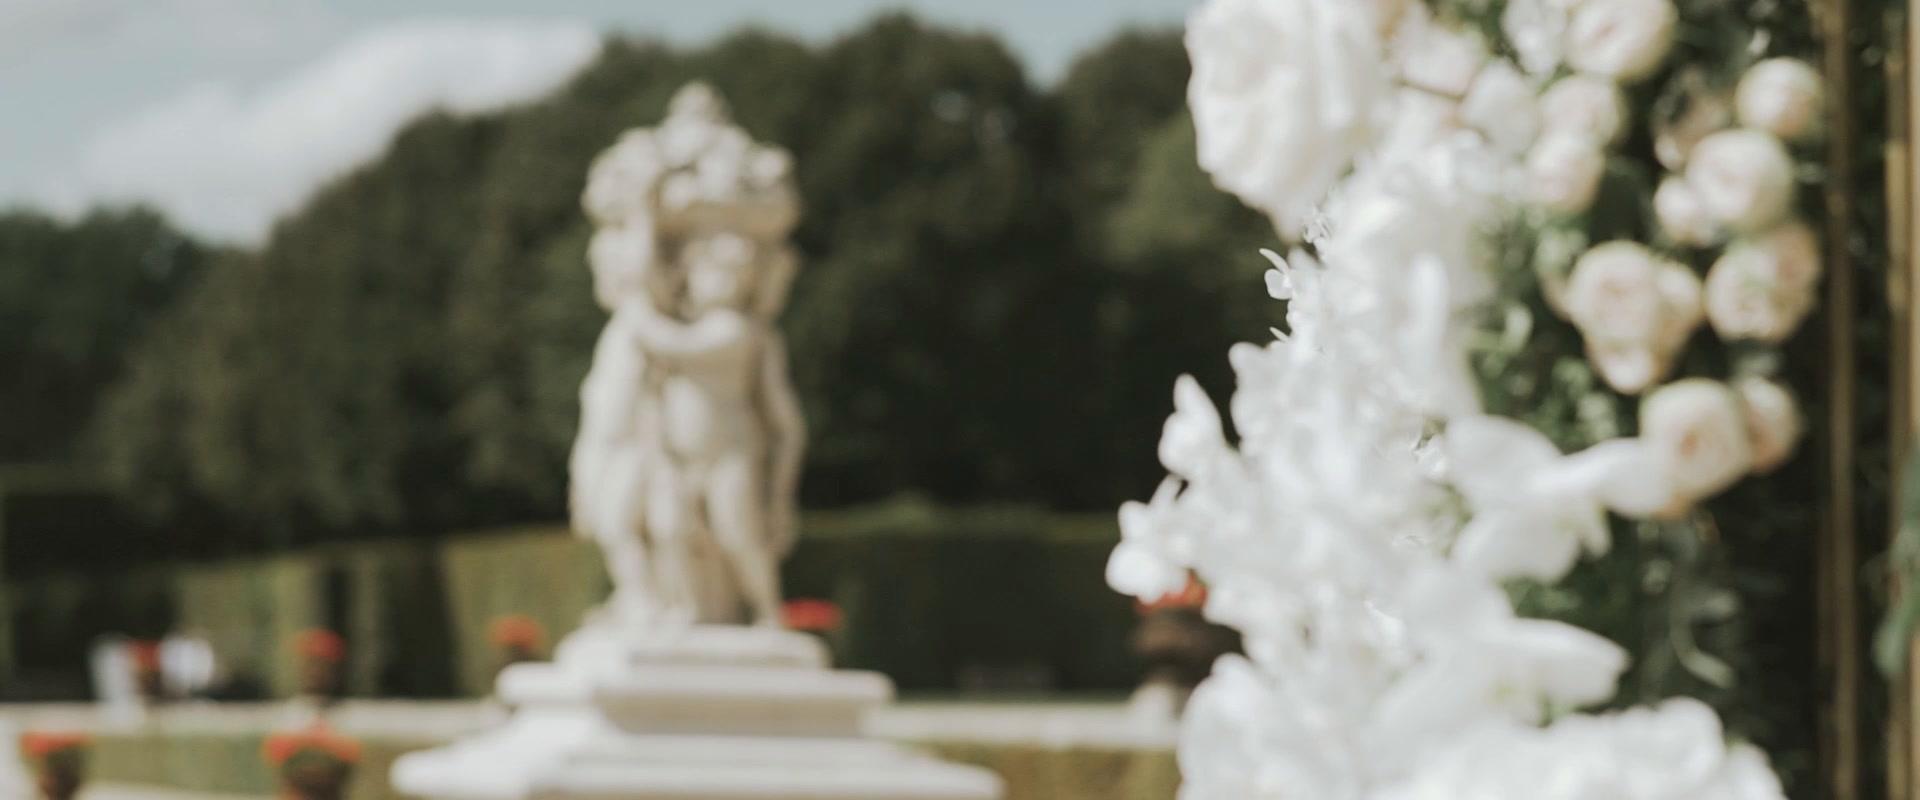 Jessica + Sidney | Paris, France | chateau vaux le vicomte